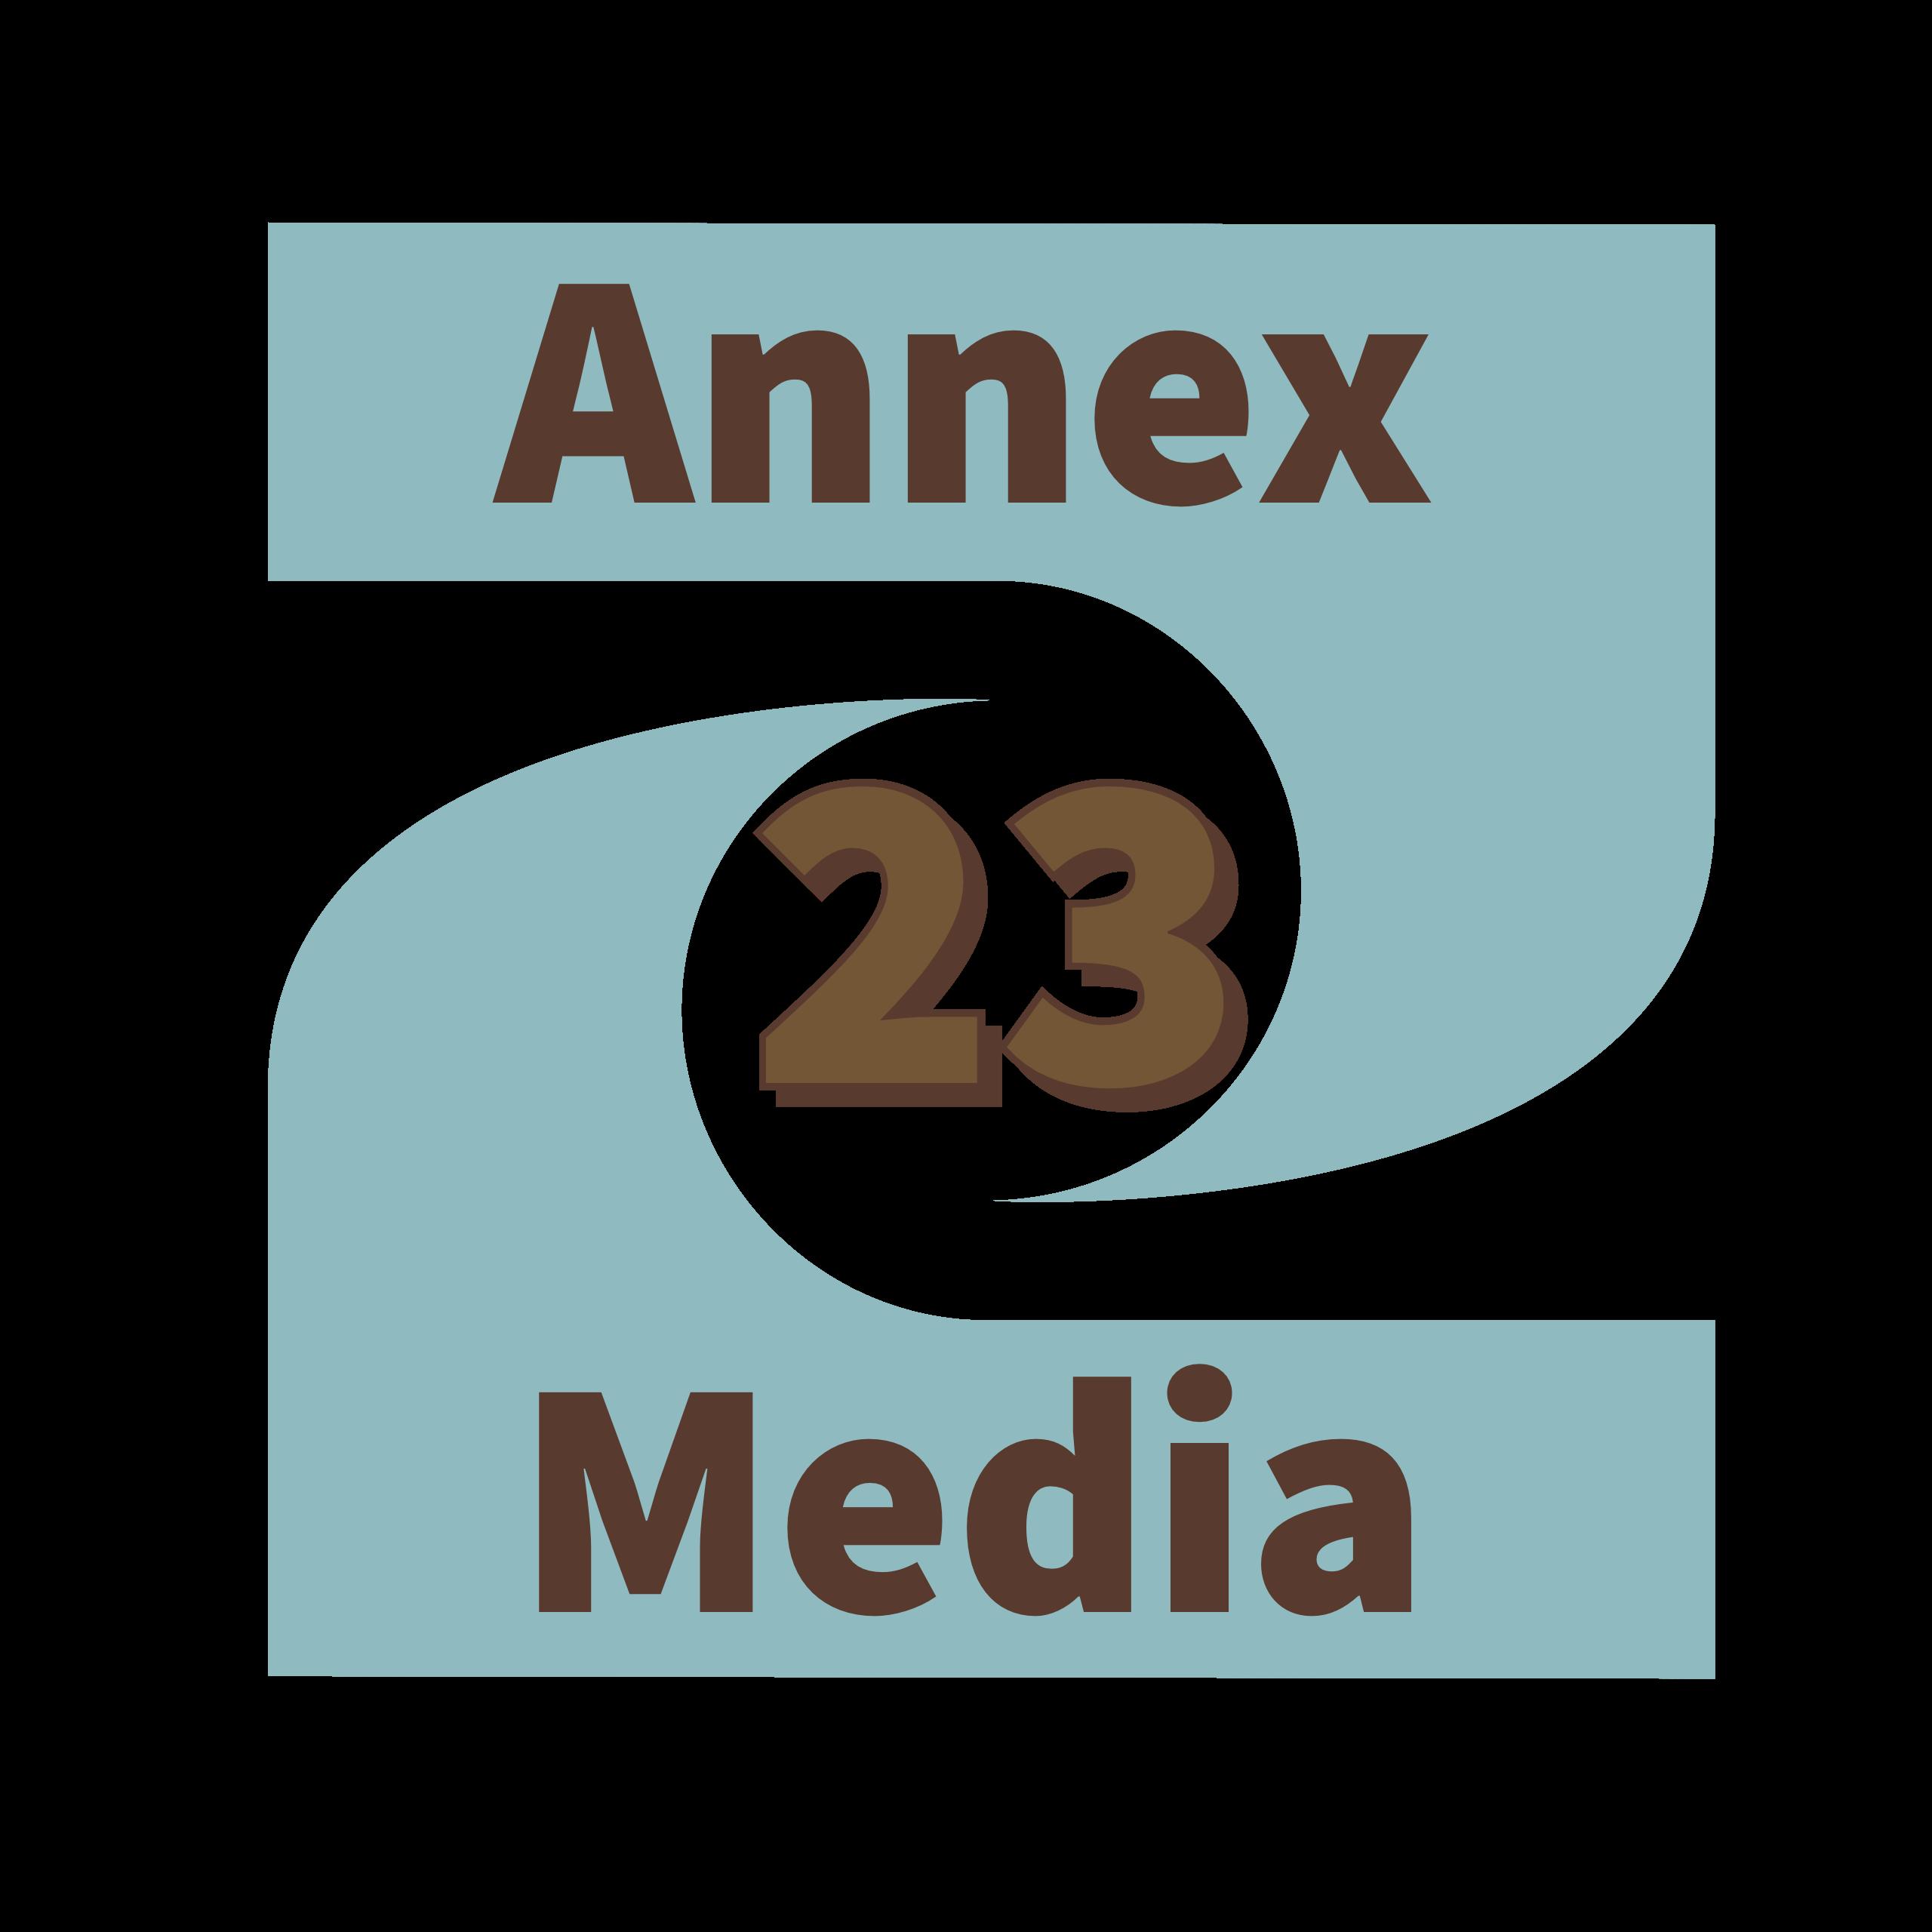 Annex 23 Media